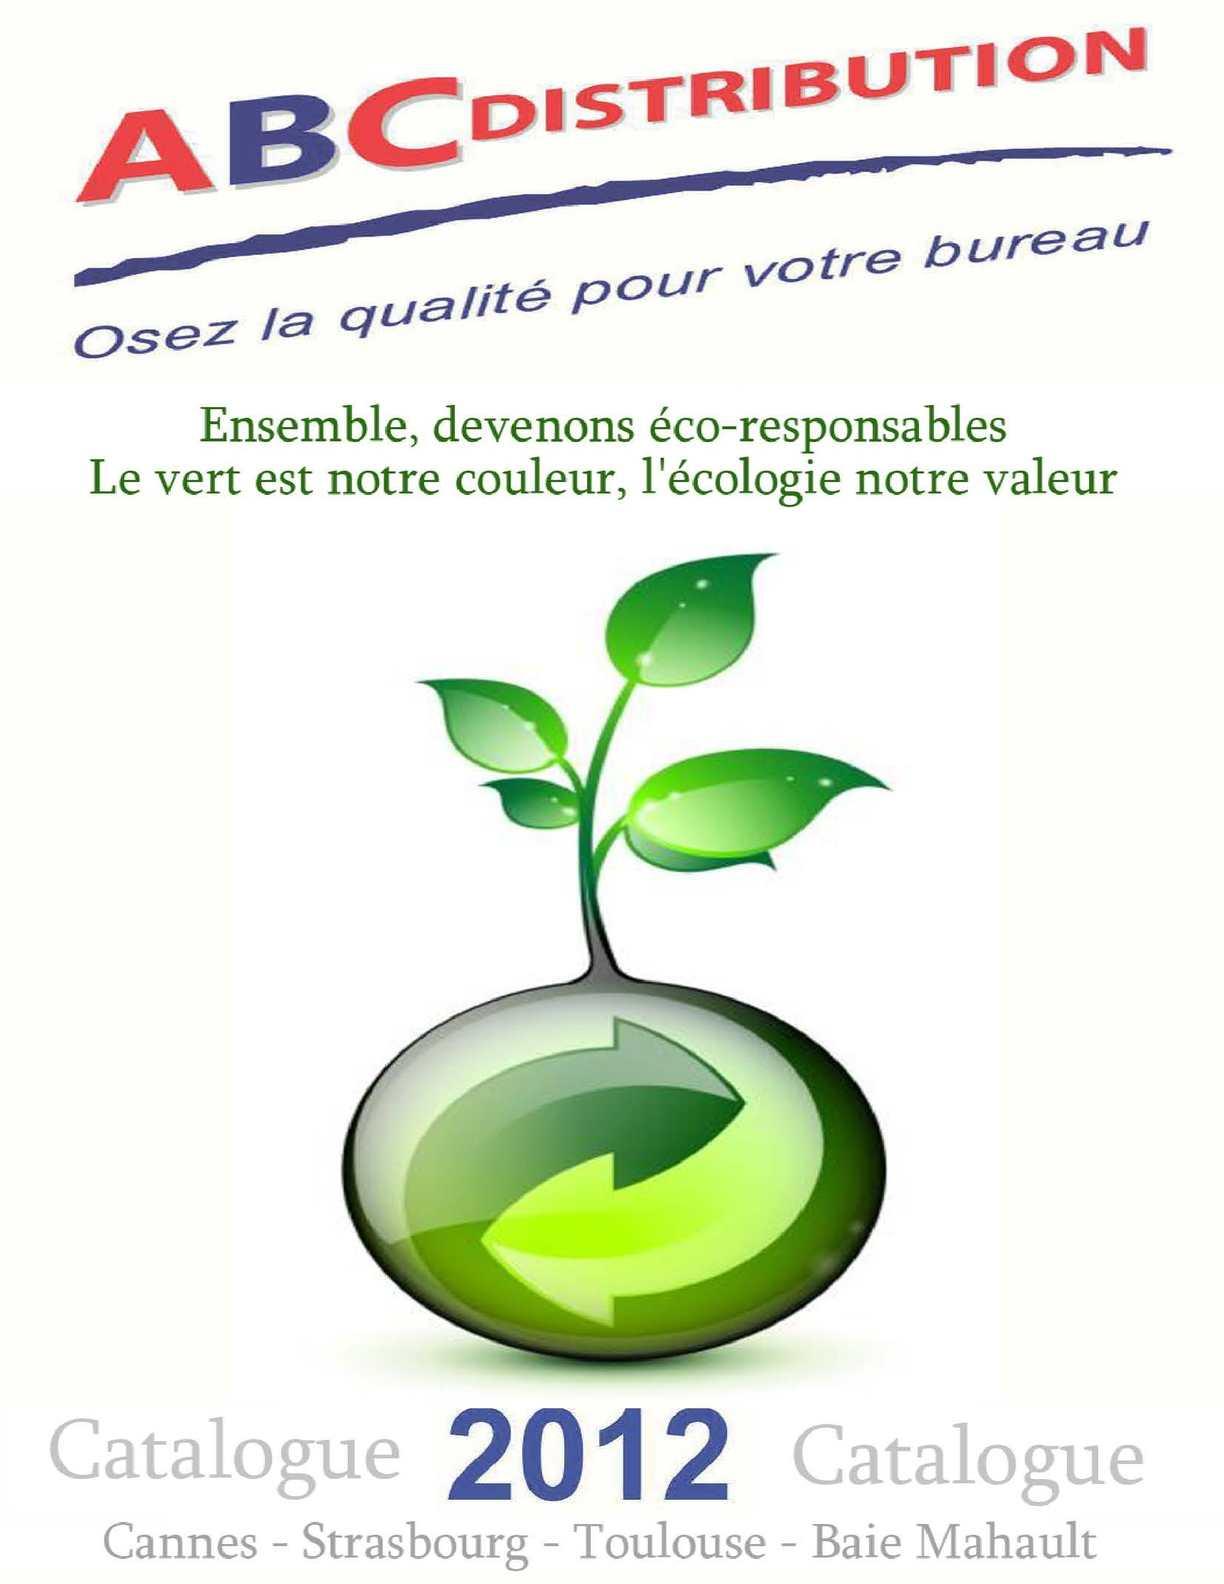 Abc 2012 Des DistributionSpécialiste Catalogue Calaméo jqL4R35A